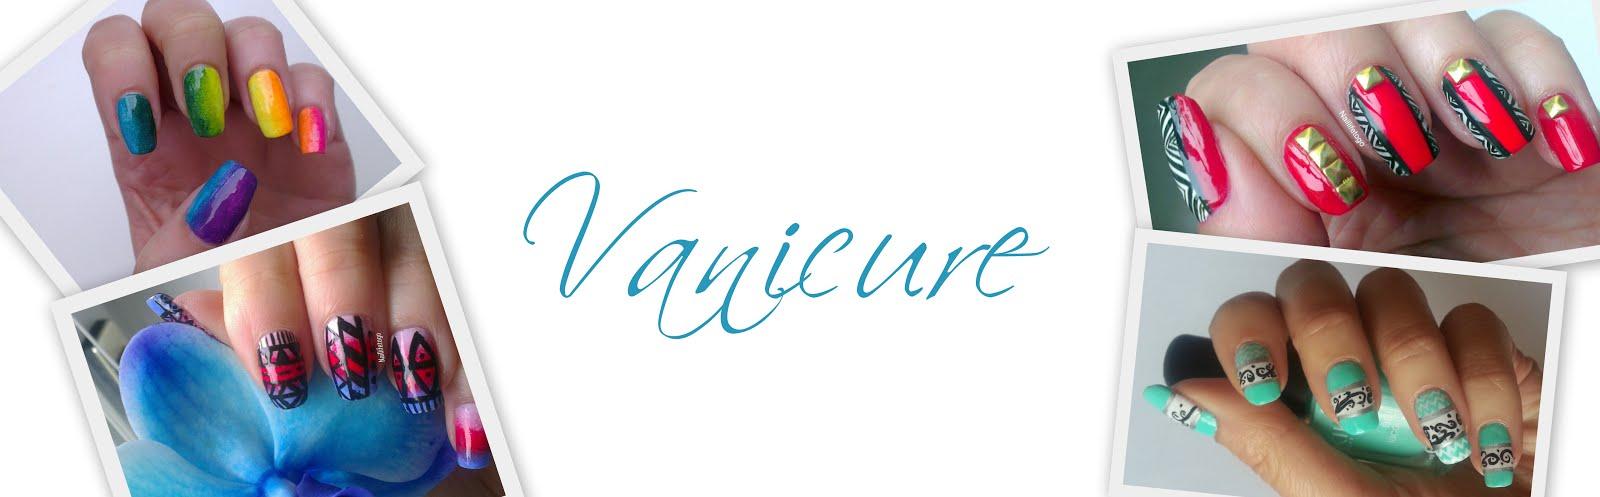 Vanicure